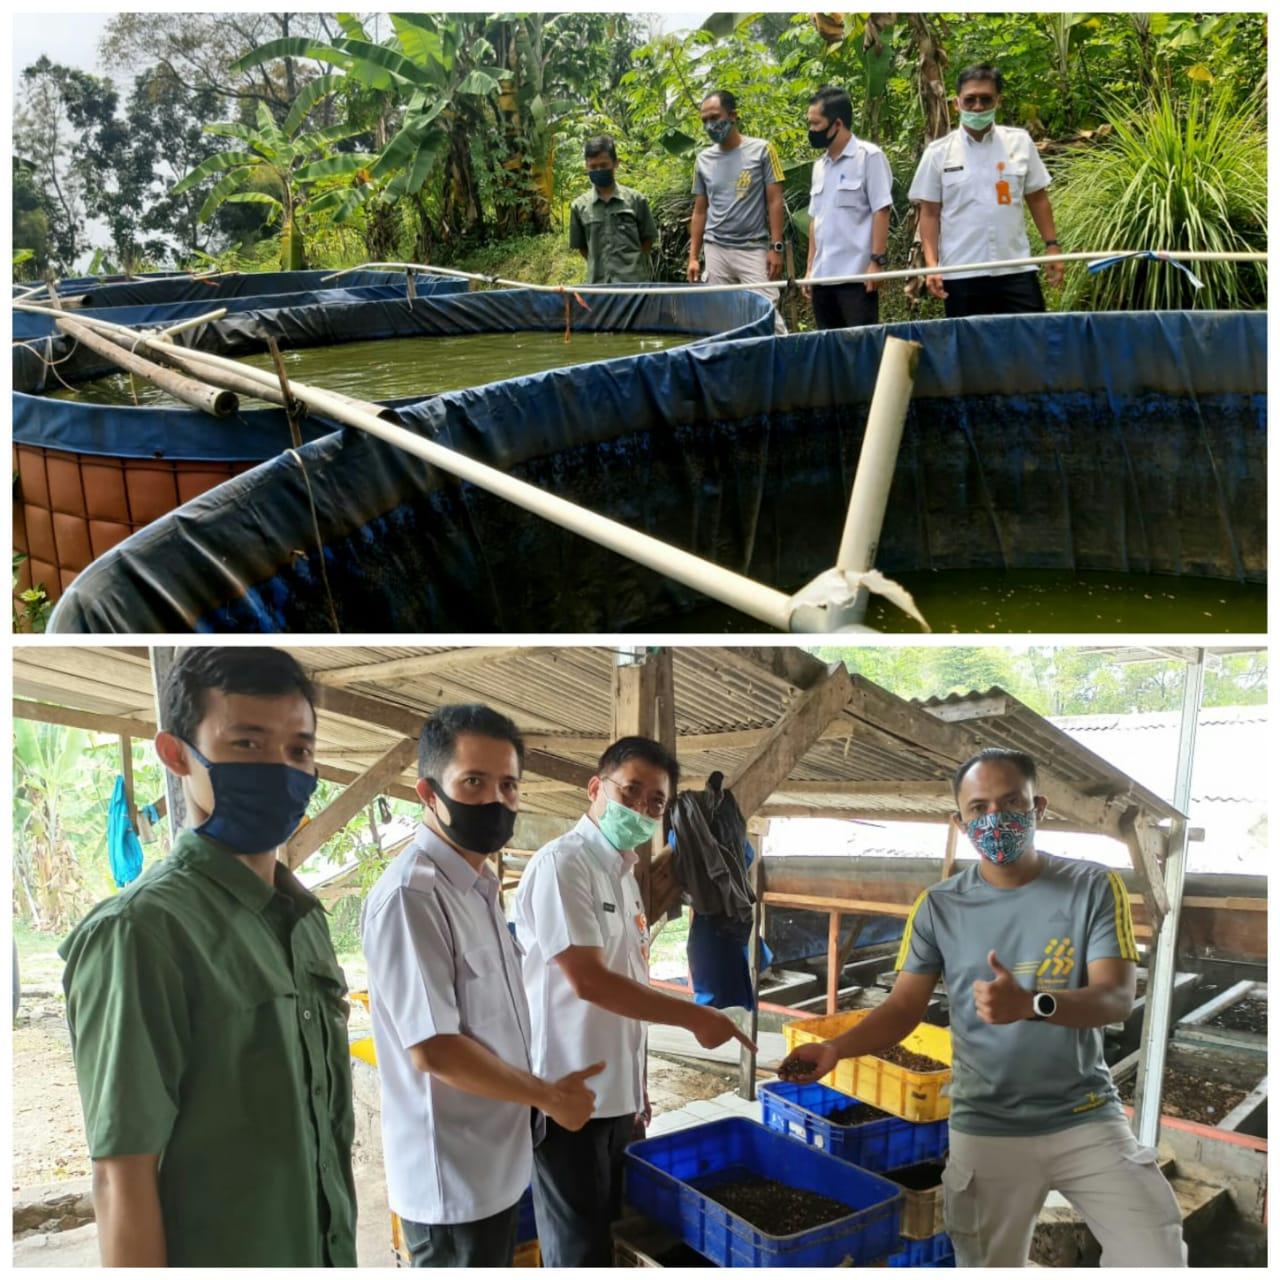 Kunjungan DLH Kota Bogor ke Maggot Indonesia Lestari di Sentul Kabupaten Bogor